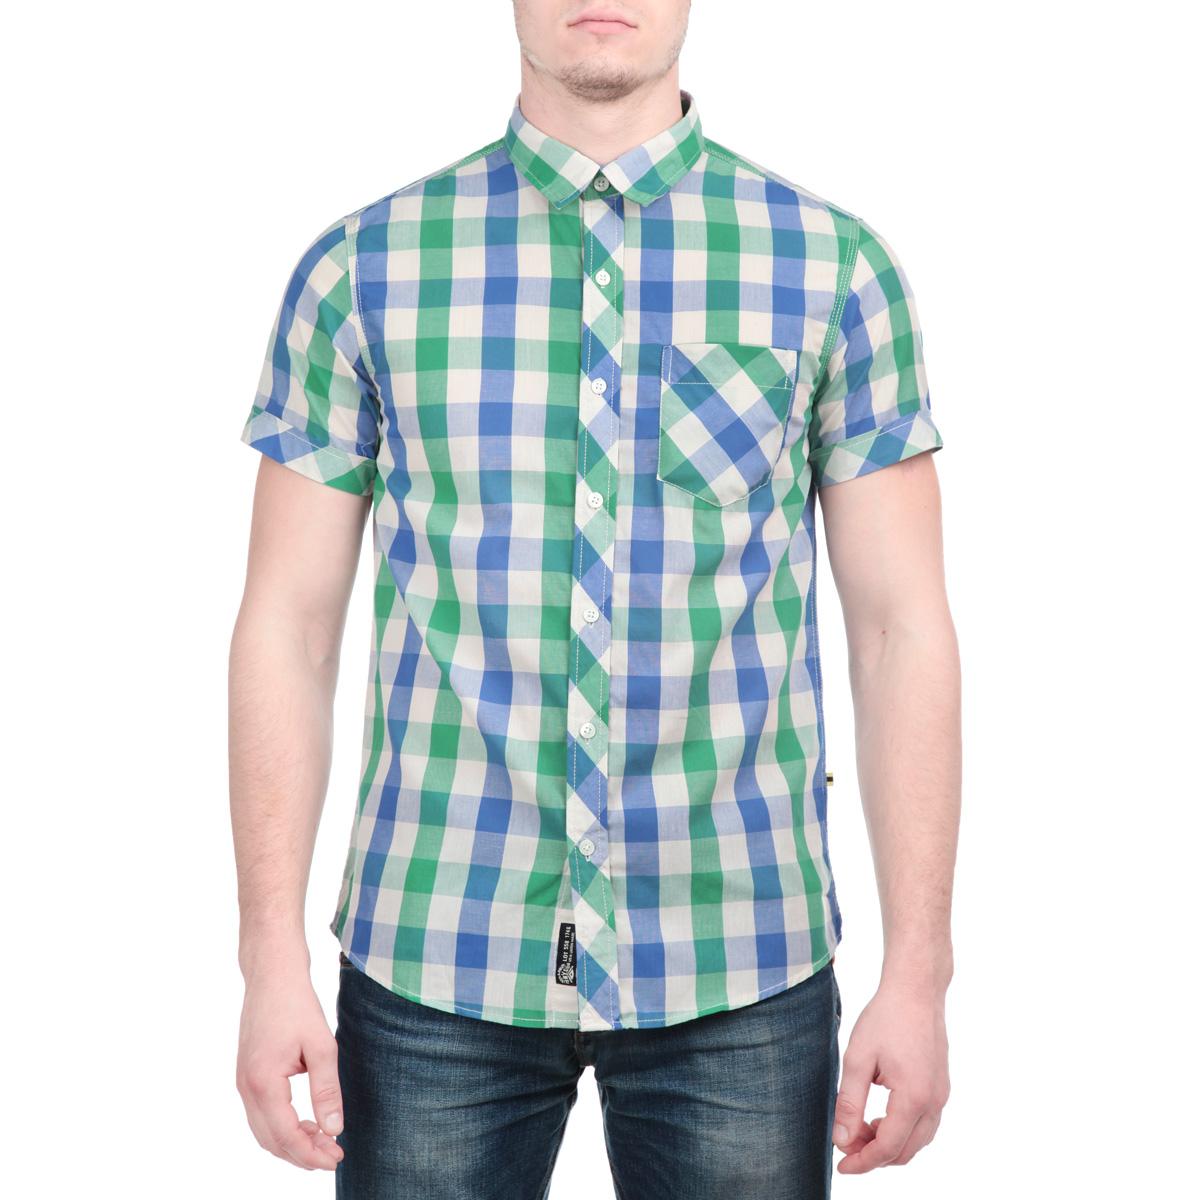 Рубашка мужская. 1015255110152551 00LМужская рубашка Broadway, выполненная из высококачественного хлопка с добавлением полиэстера, обладает высокой теплопроводностью, воздухопроницаемостью и гигроскопичностью, позволяет коже дышать, тем самым обеспечивая наибольший комфорт при носке. Рубашка прямого кроя с короткими рукавами и отложным воротником застегивается на пуговицы, и оформлена актуальным принтом в клетку. Модель дополнена накладным нагрудным карманом. Такая рубашка подчеркнет ваш вкус и поможет создать великолепный современный образ.